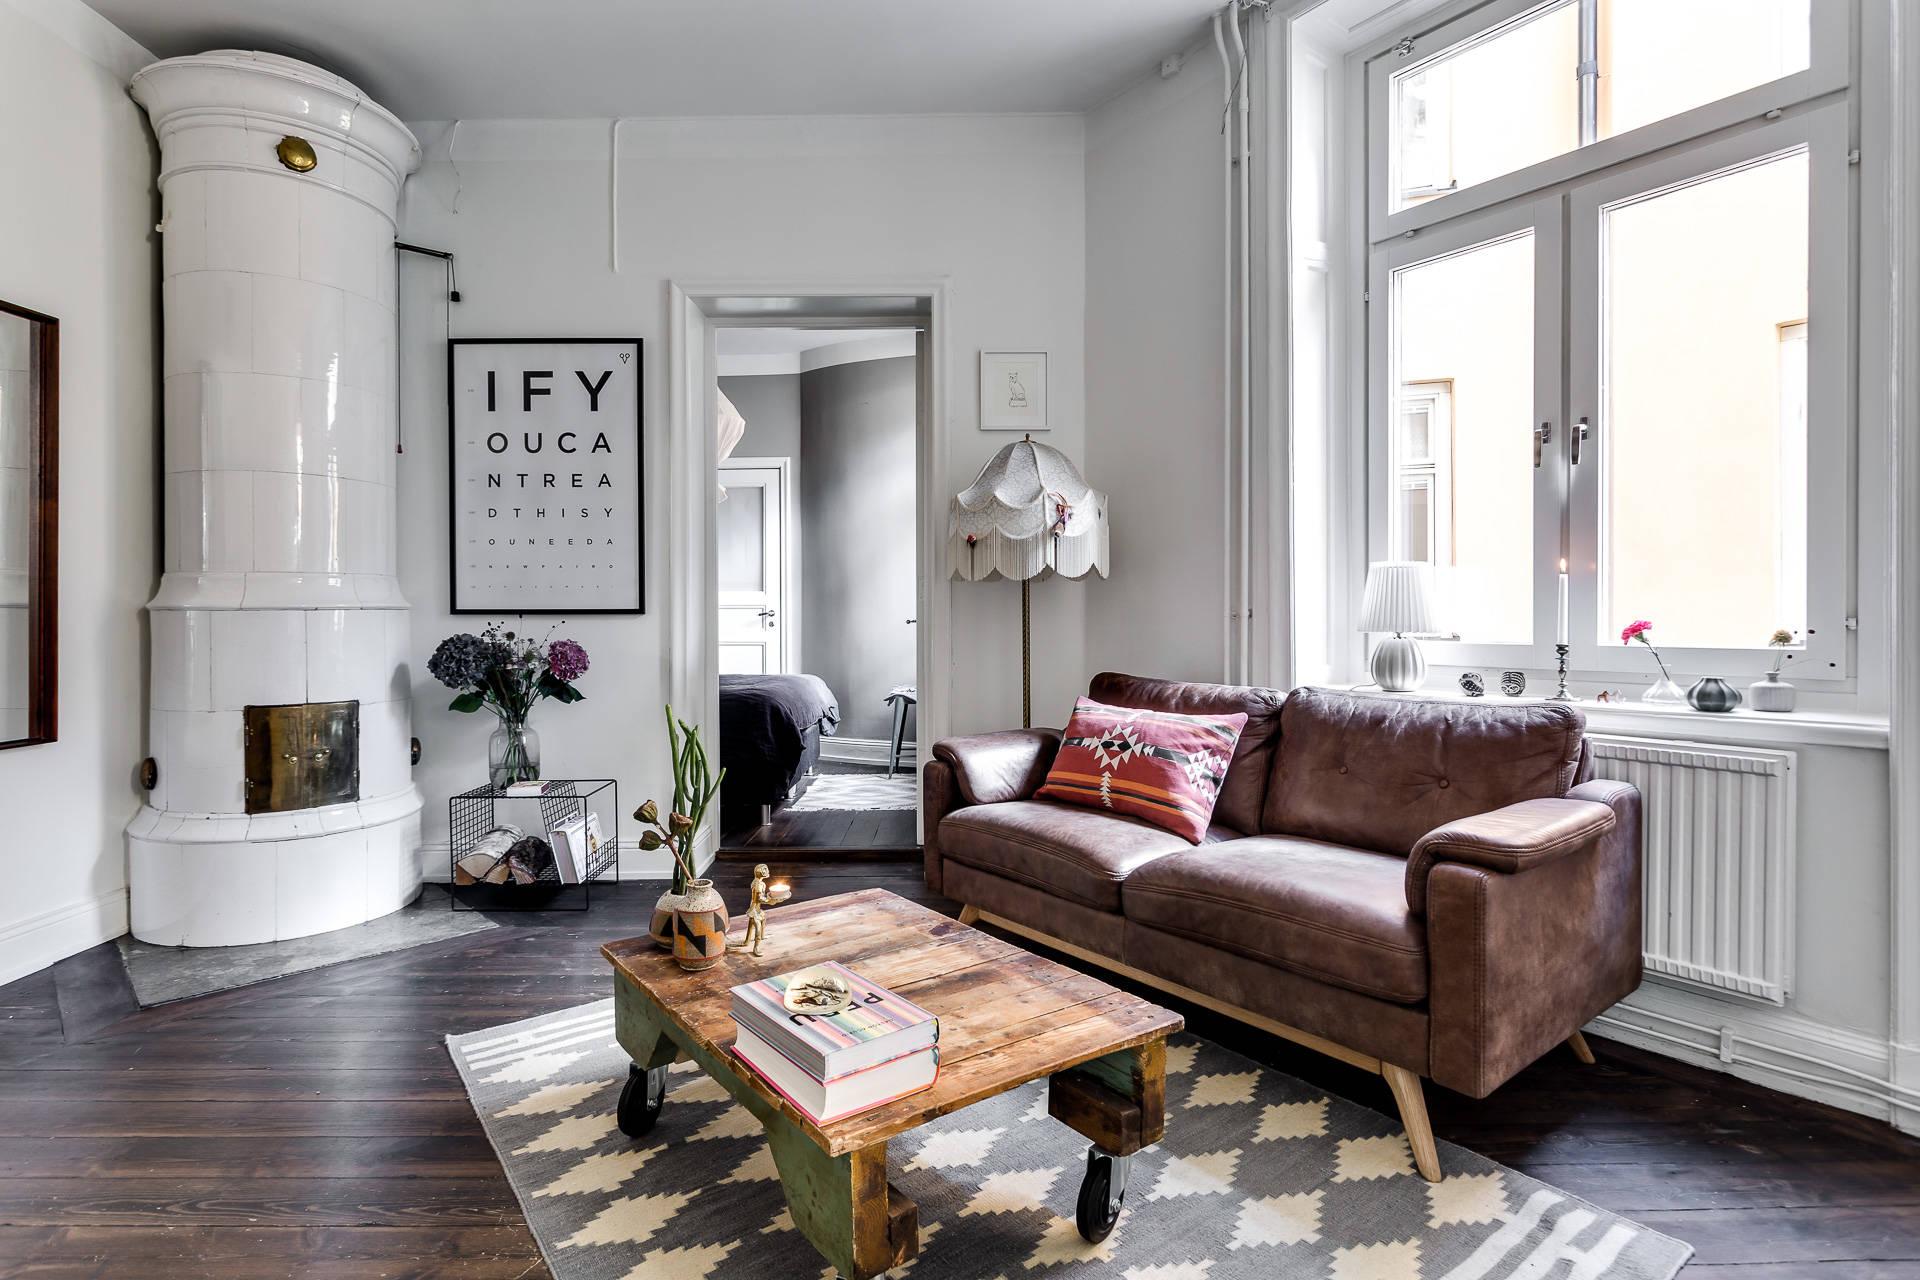 Leuke karakteristieke slaapkamer met leuke muurdecoratie